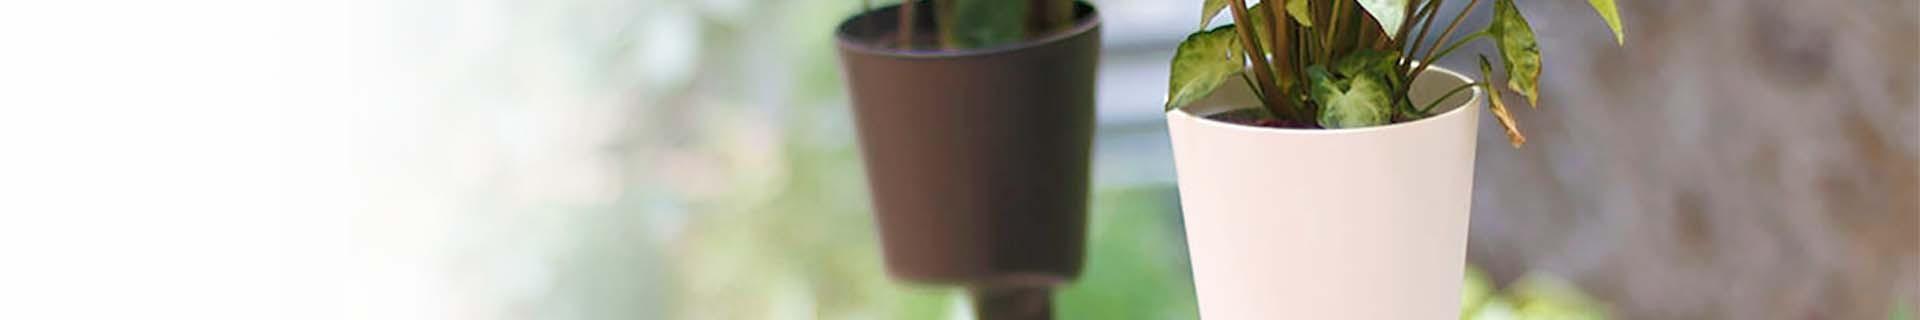 Pack de macetero vertical autoriego con plantas